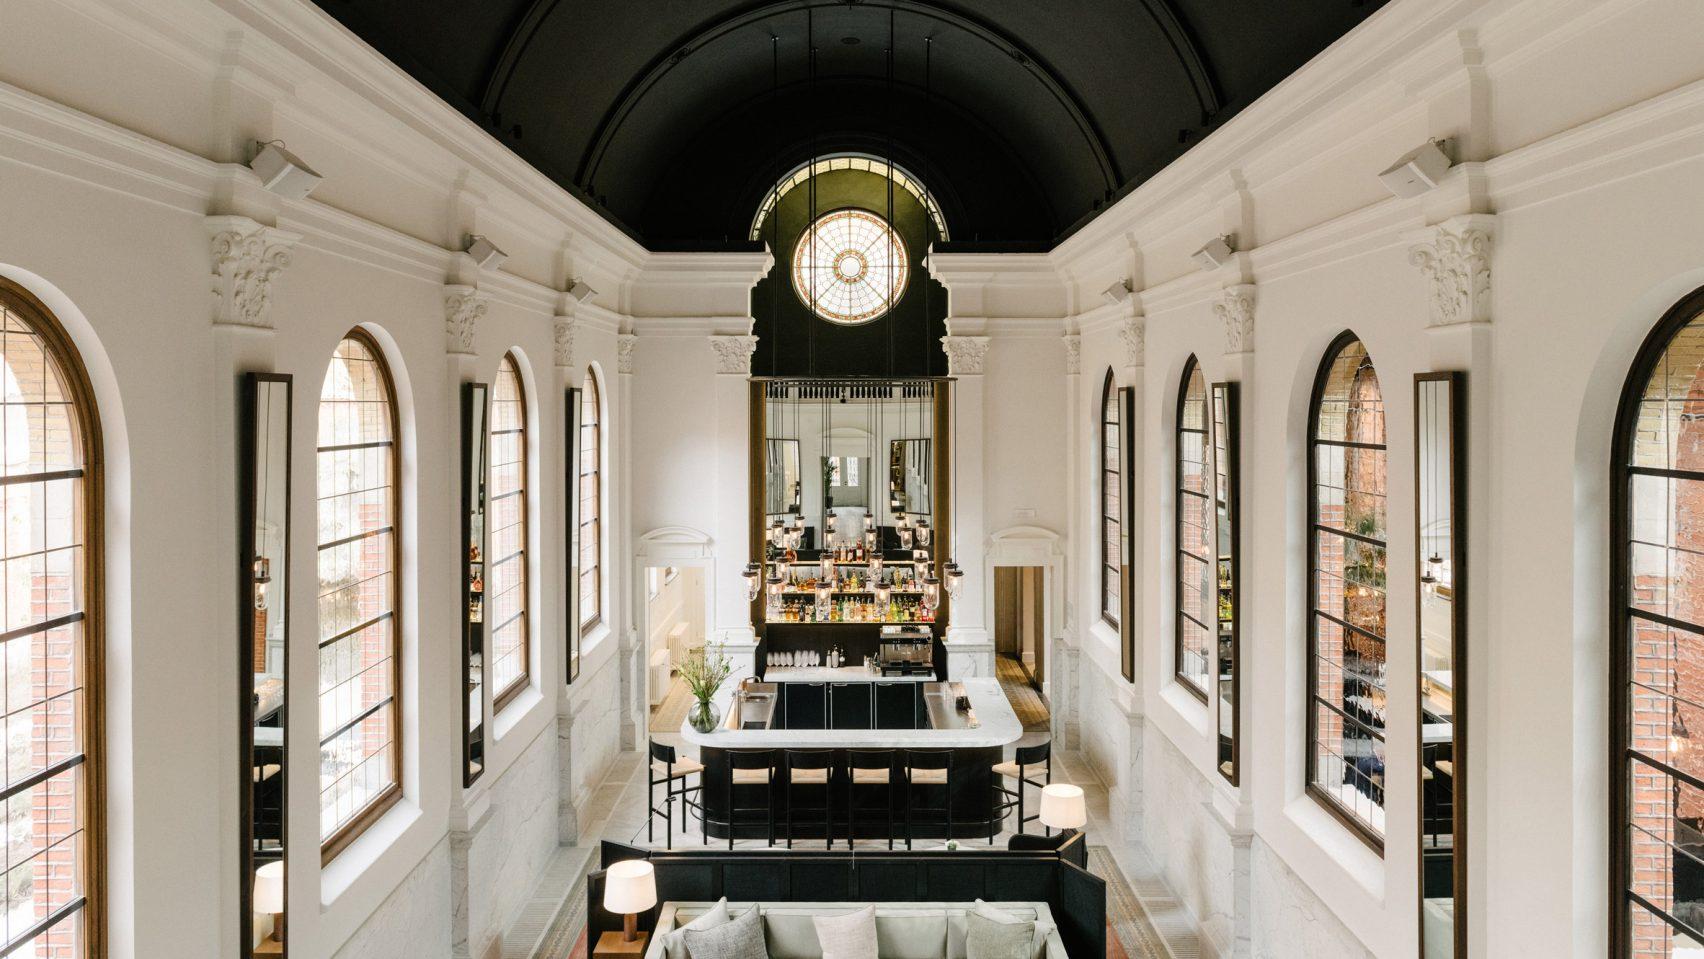 Destination tendance en Flandre, Anvers accueille l'ouverture d'August, un boutique-hôtel design de 44 chambres et suites, dans un ancien couvent à deux pas du célèbre restaurant The Jane. Ce nouveau projet comprend également un bar, un restaurant, un centre de bien-être et une boutique. Découverte.